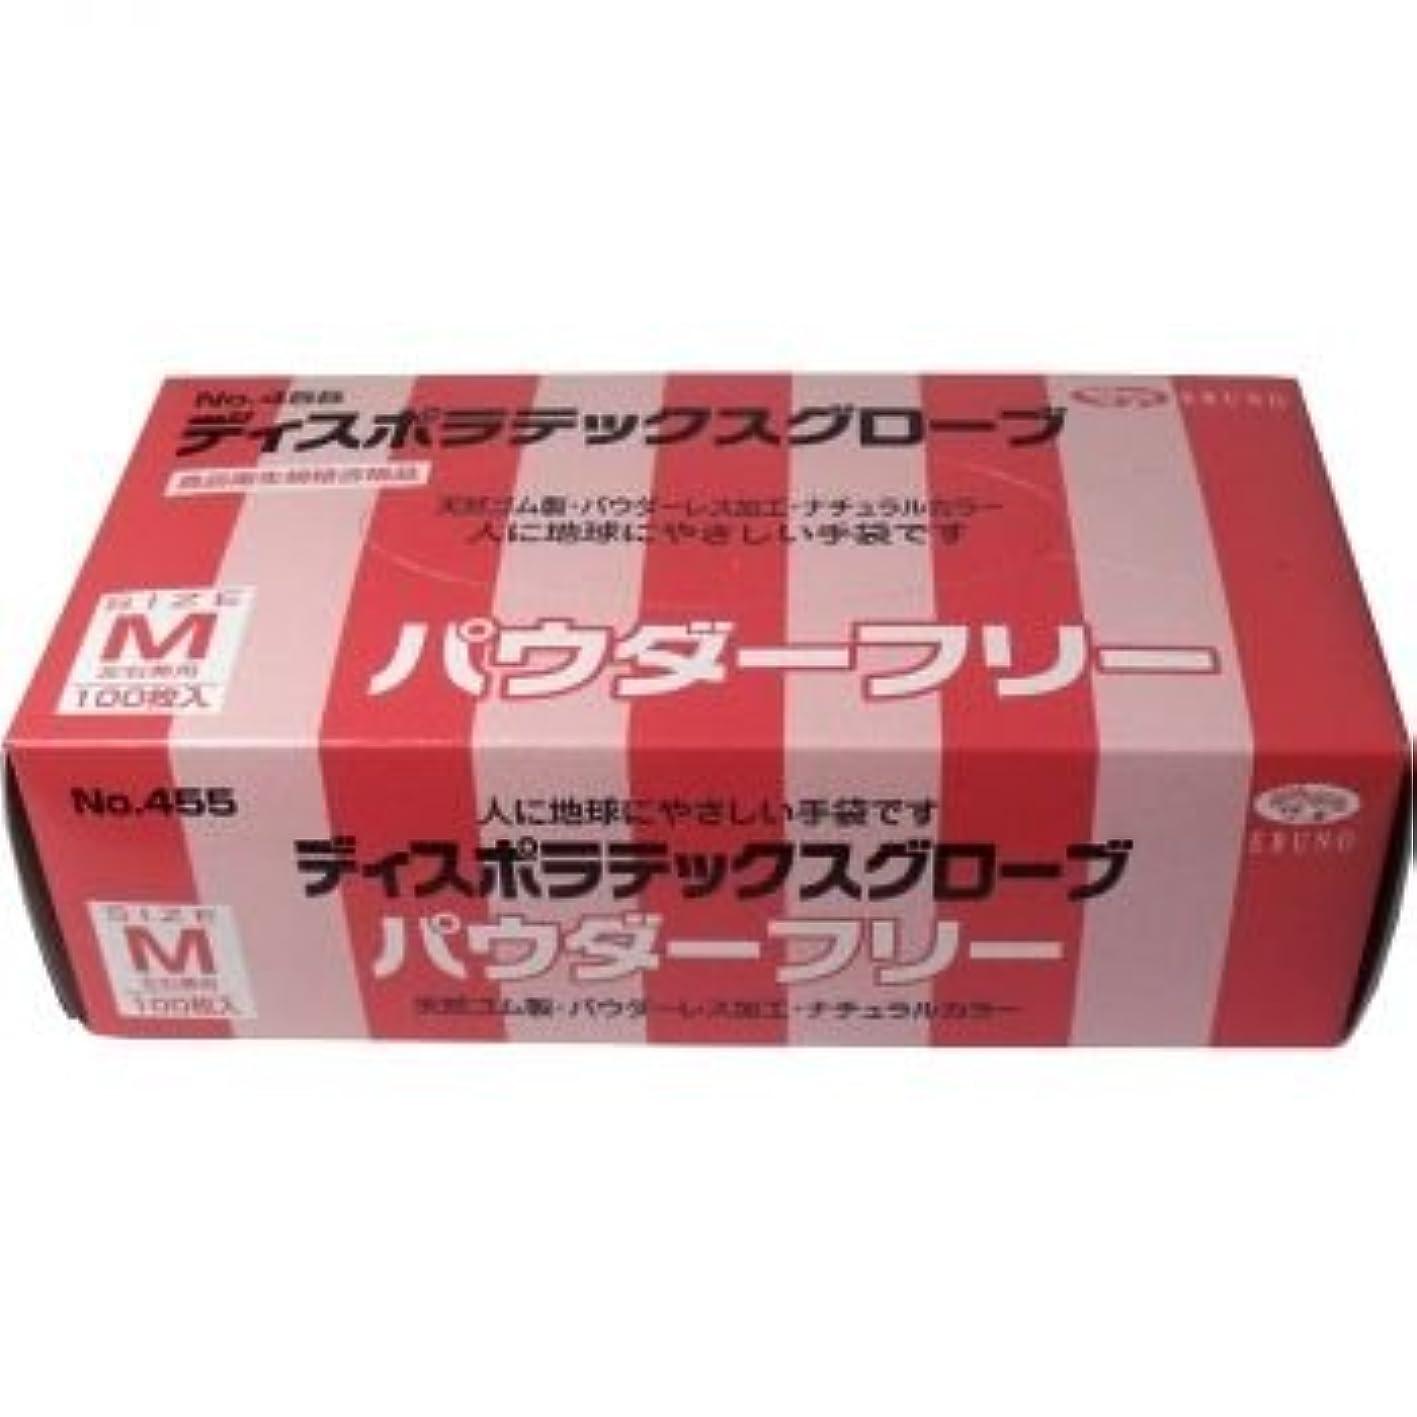 並外れた発表するマスクディスポ ラテックスグローブ(天然ゴム手袋) パウダーフリー Mサイズ 100枚入 【3個セット】